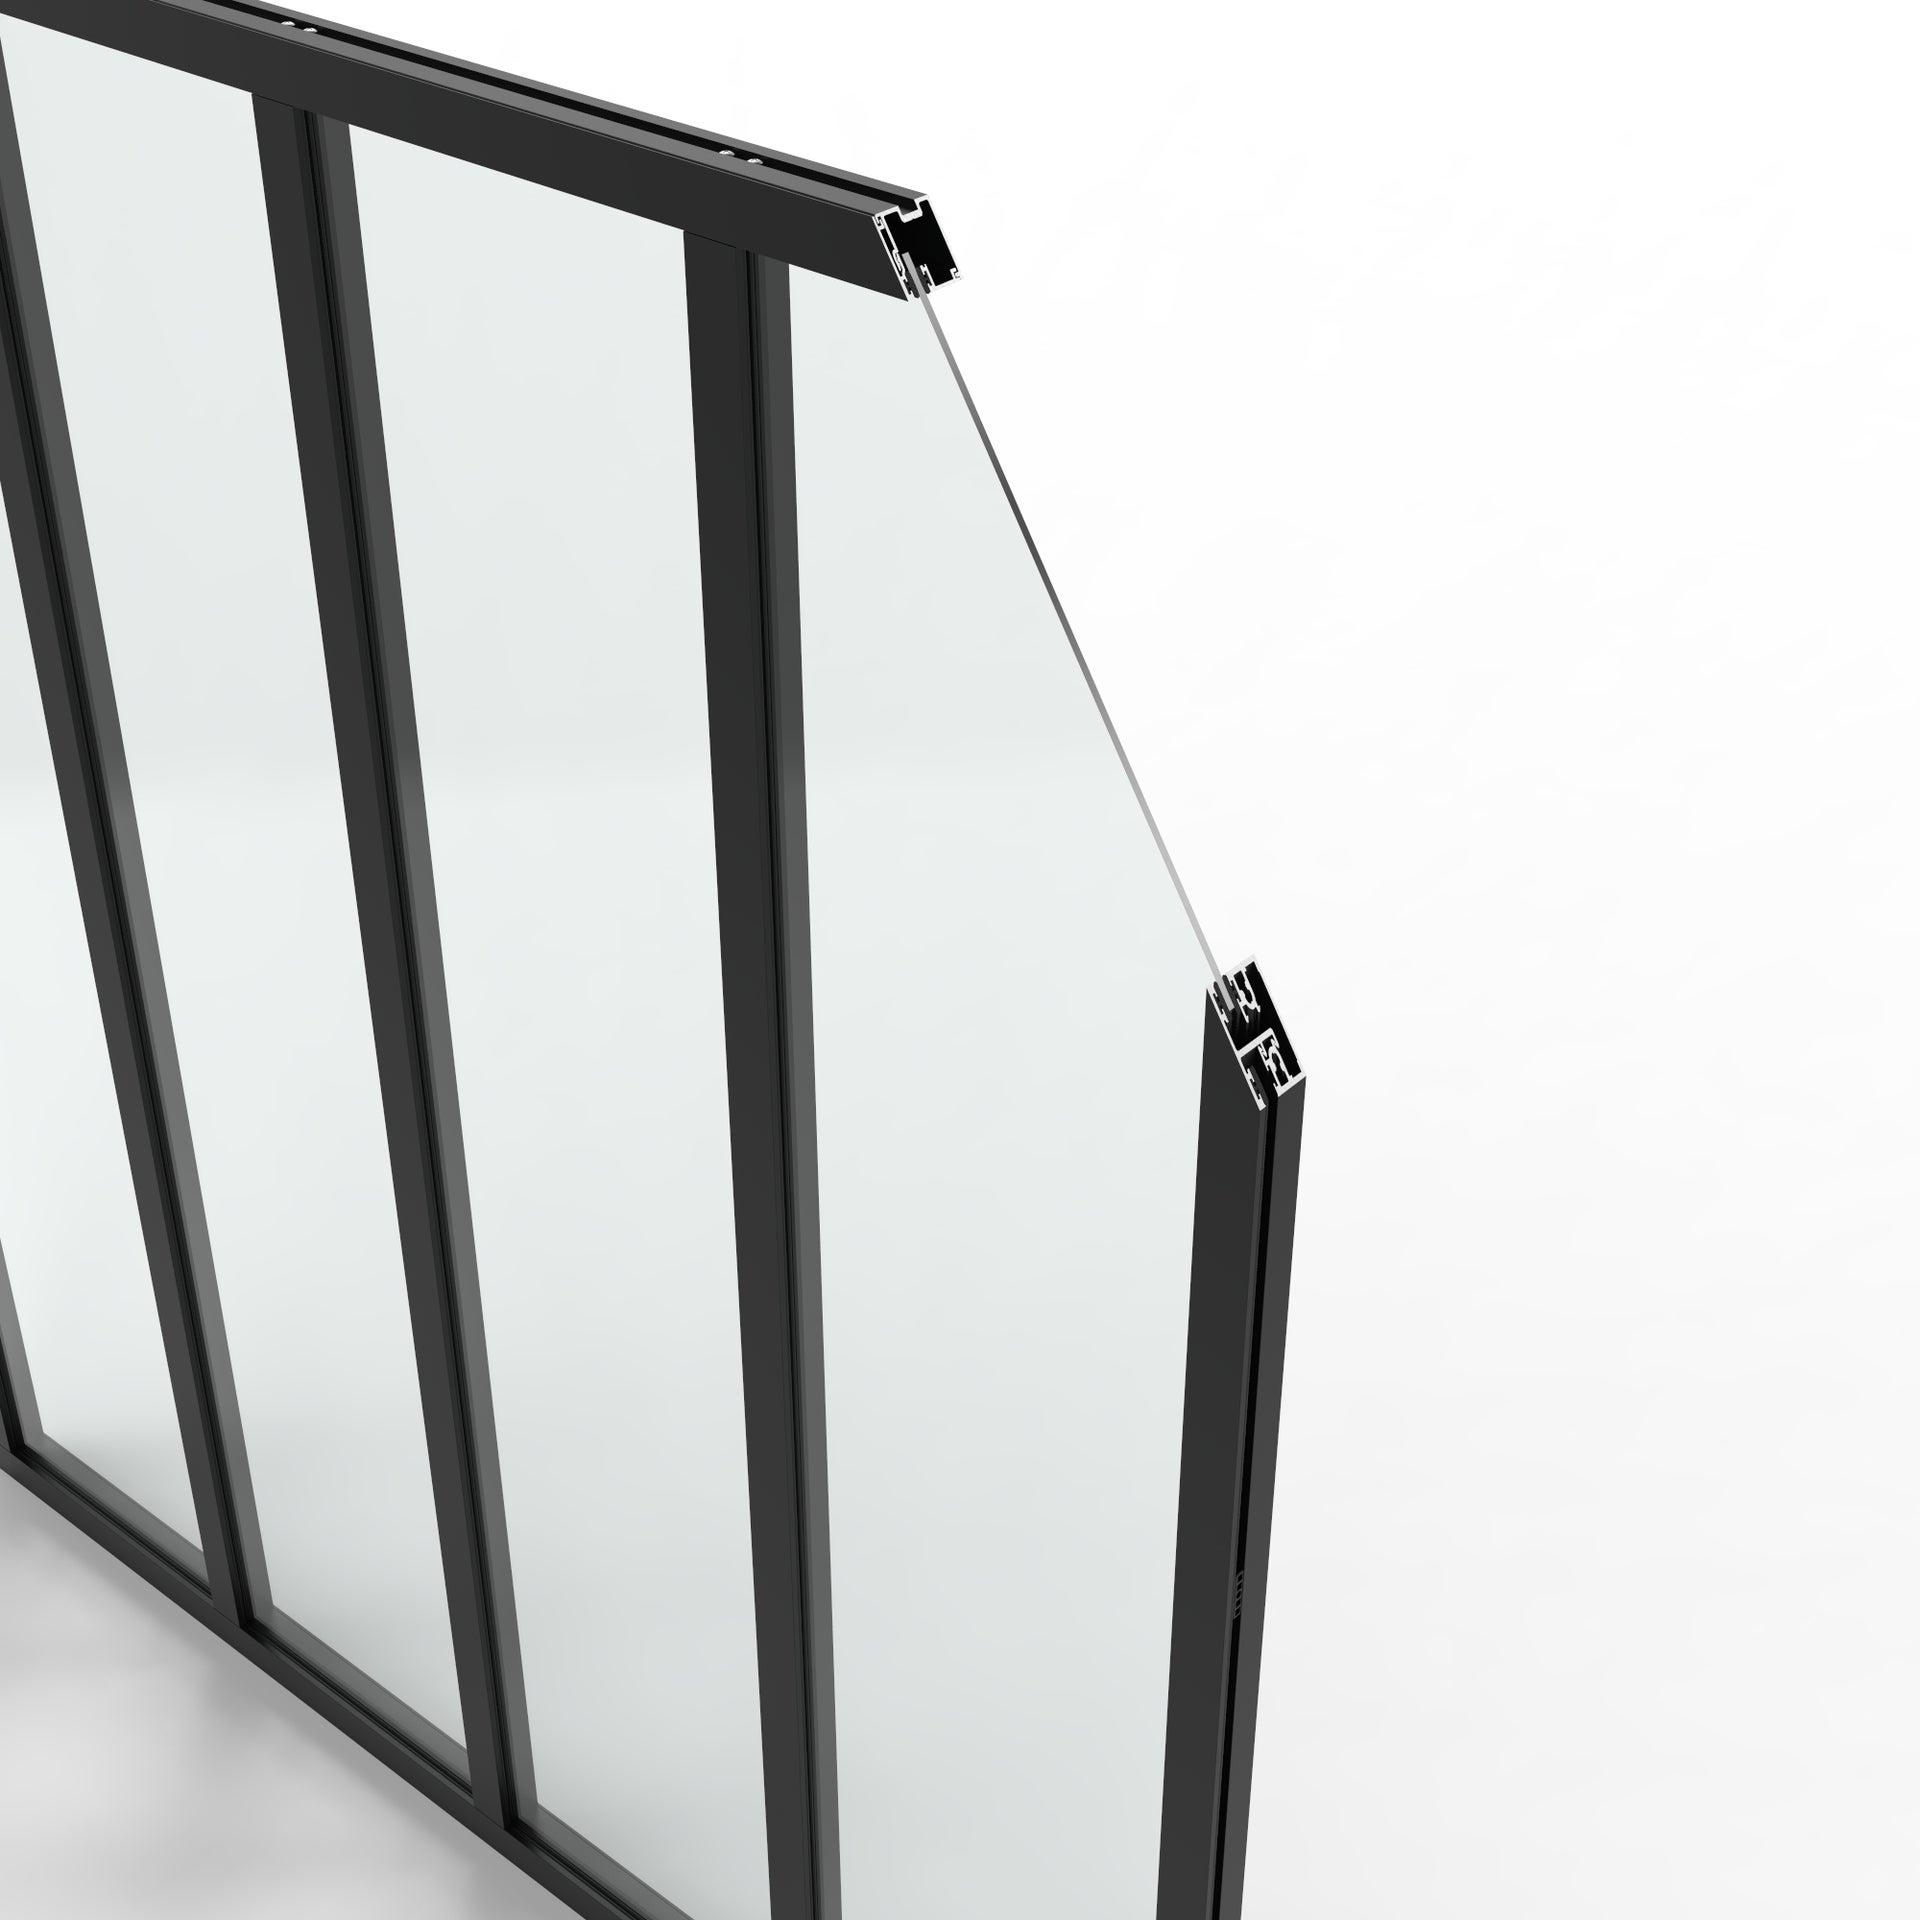 Verrière Atelier noir mat 4 vitrages transparents inclus, H.1.30 x l.1.23 m - 4